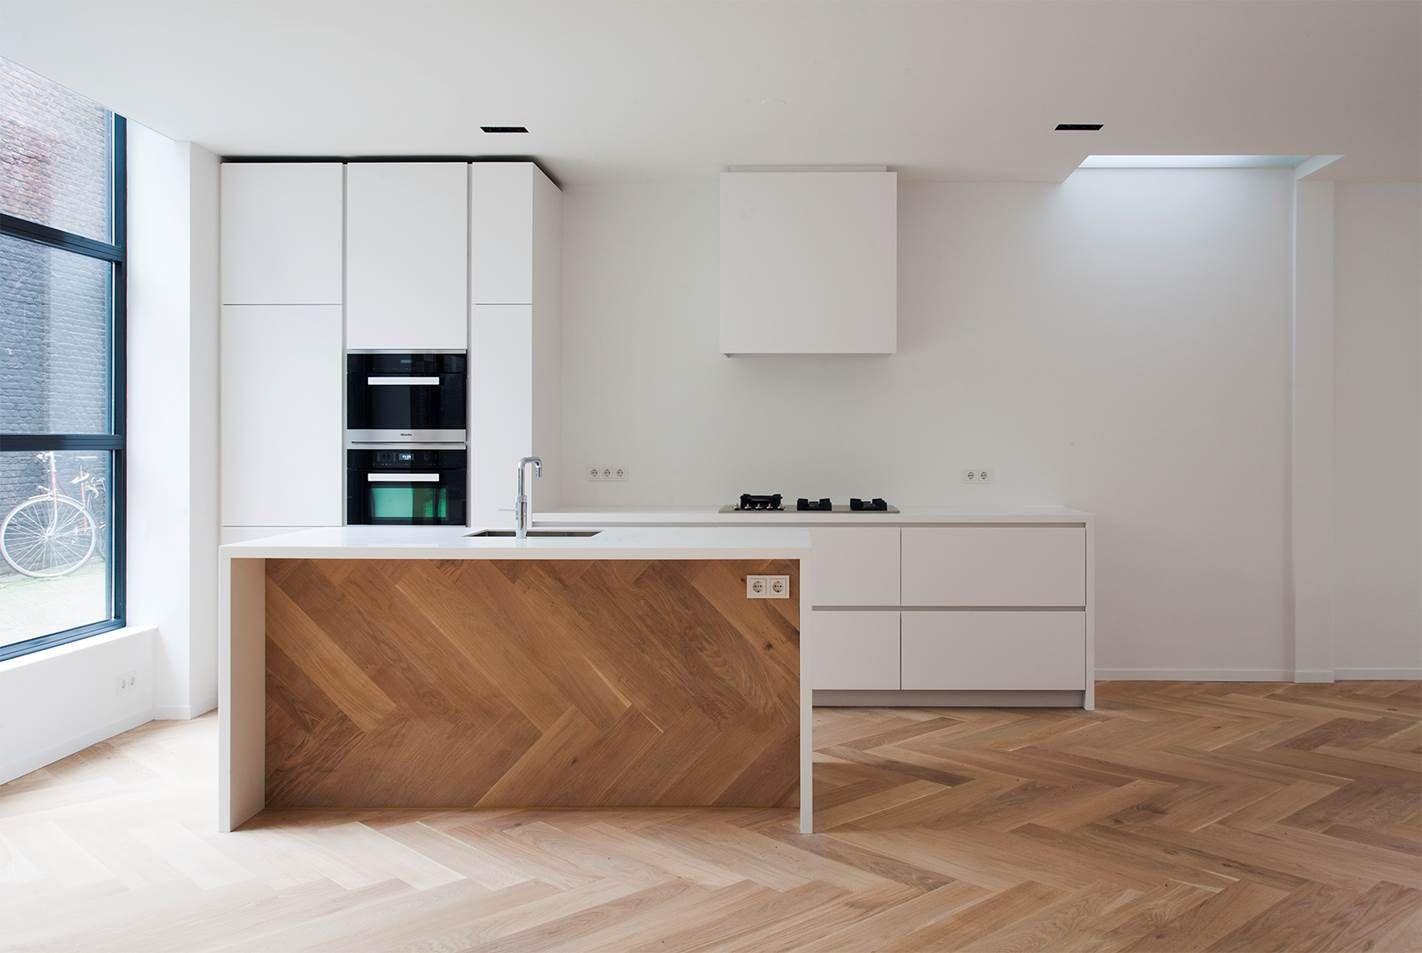 Origineel Detail Het Patroon Van Je Houten Vloer Doortrekken In Je Keuken Design Interieurontwerp Keuken Keuken Design Keuken